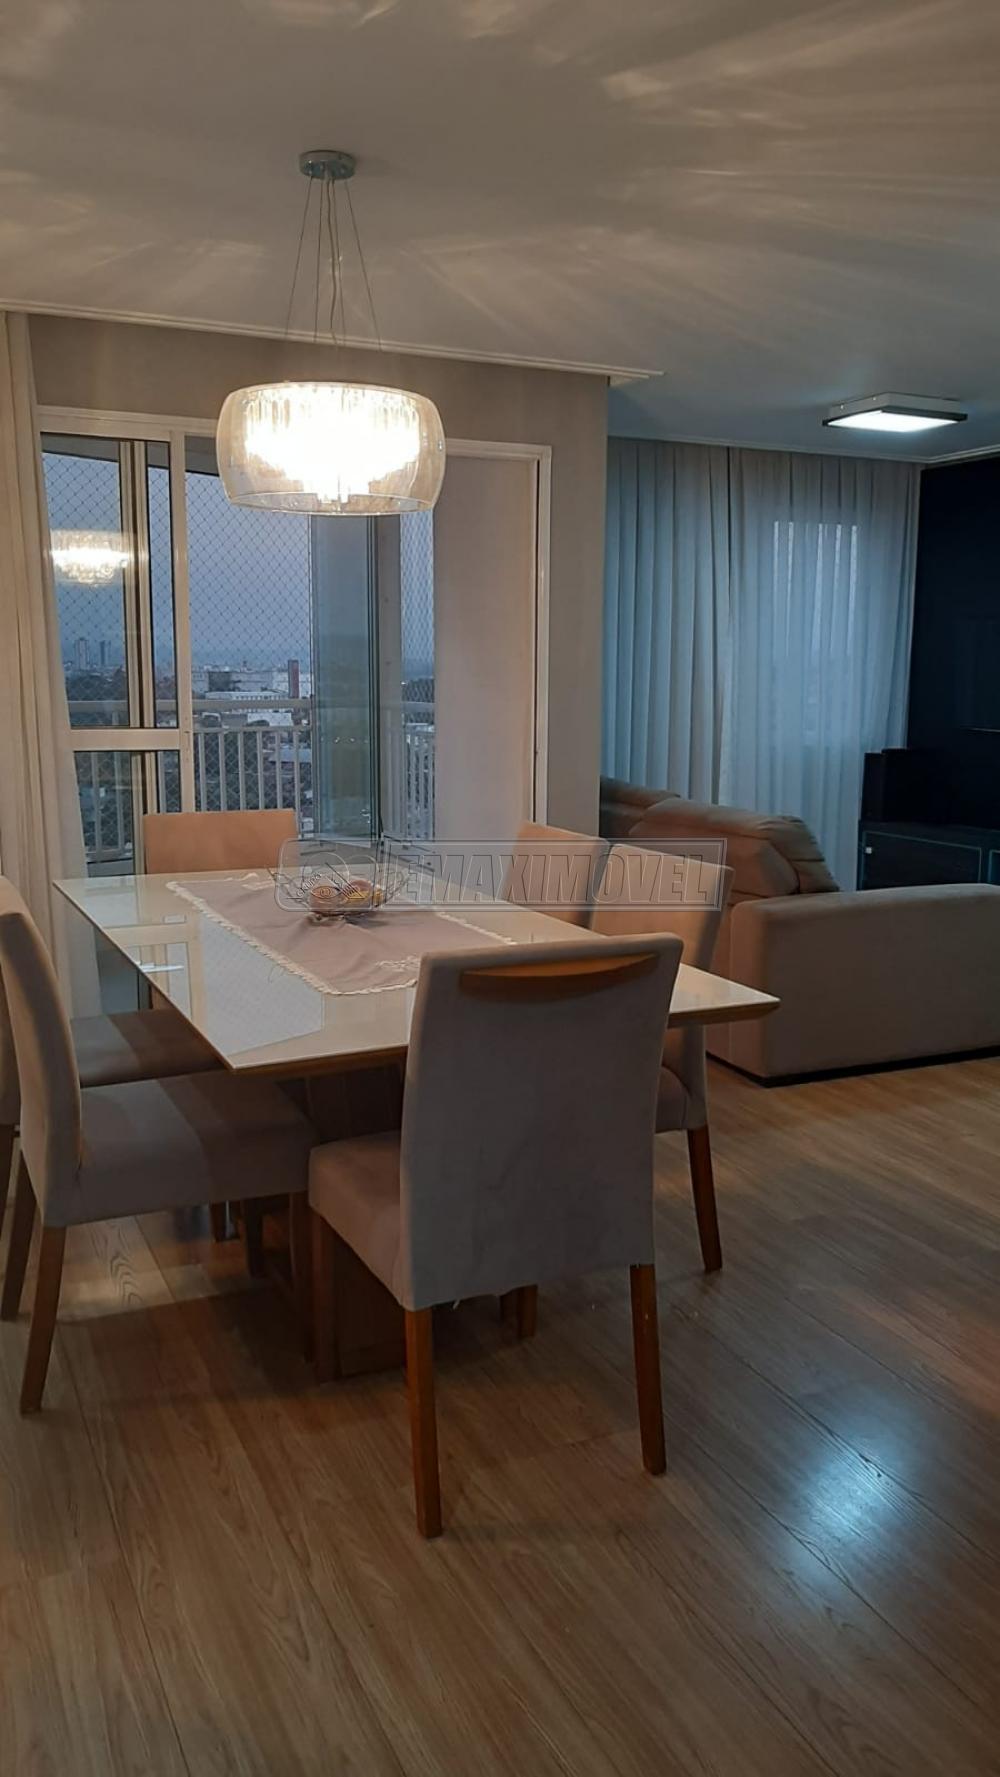 Comprar Apartamento / Padrão em Sorocaba R$ 370.000,00 - Foto 7